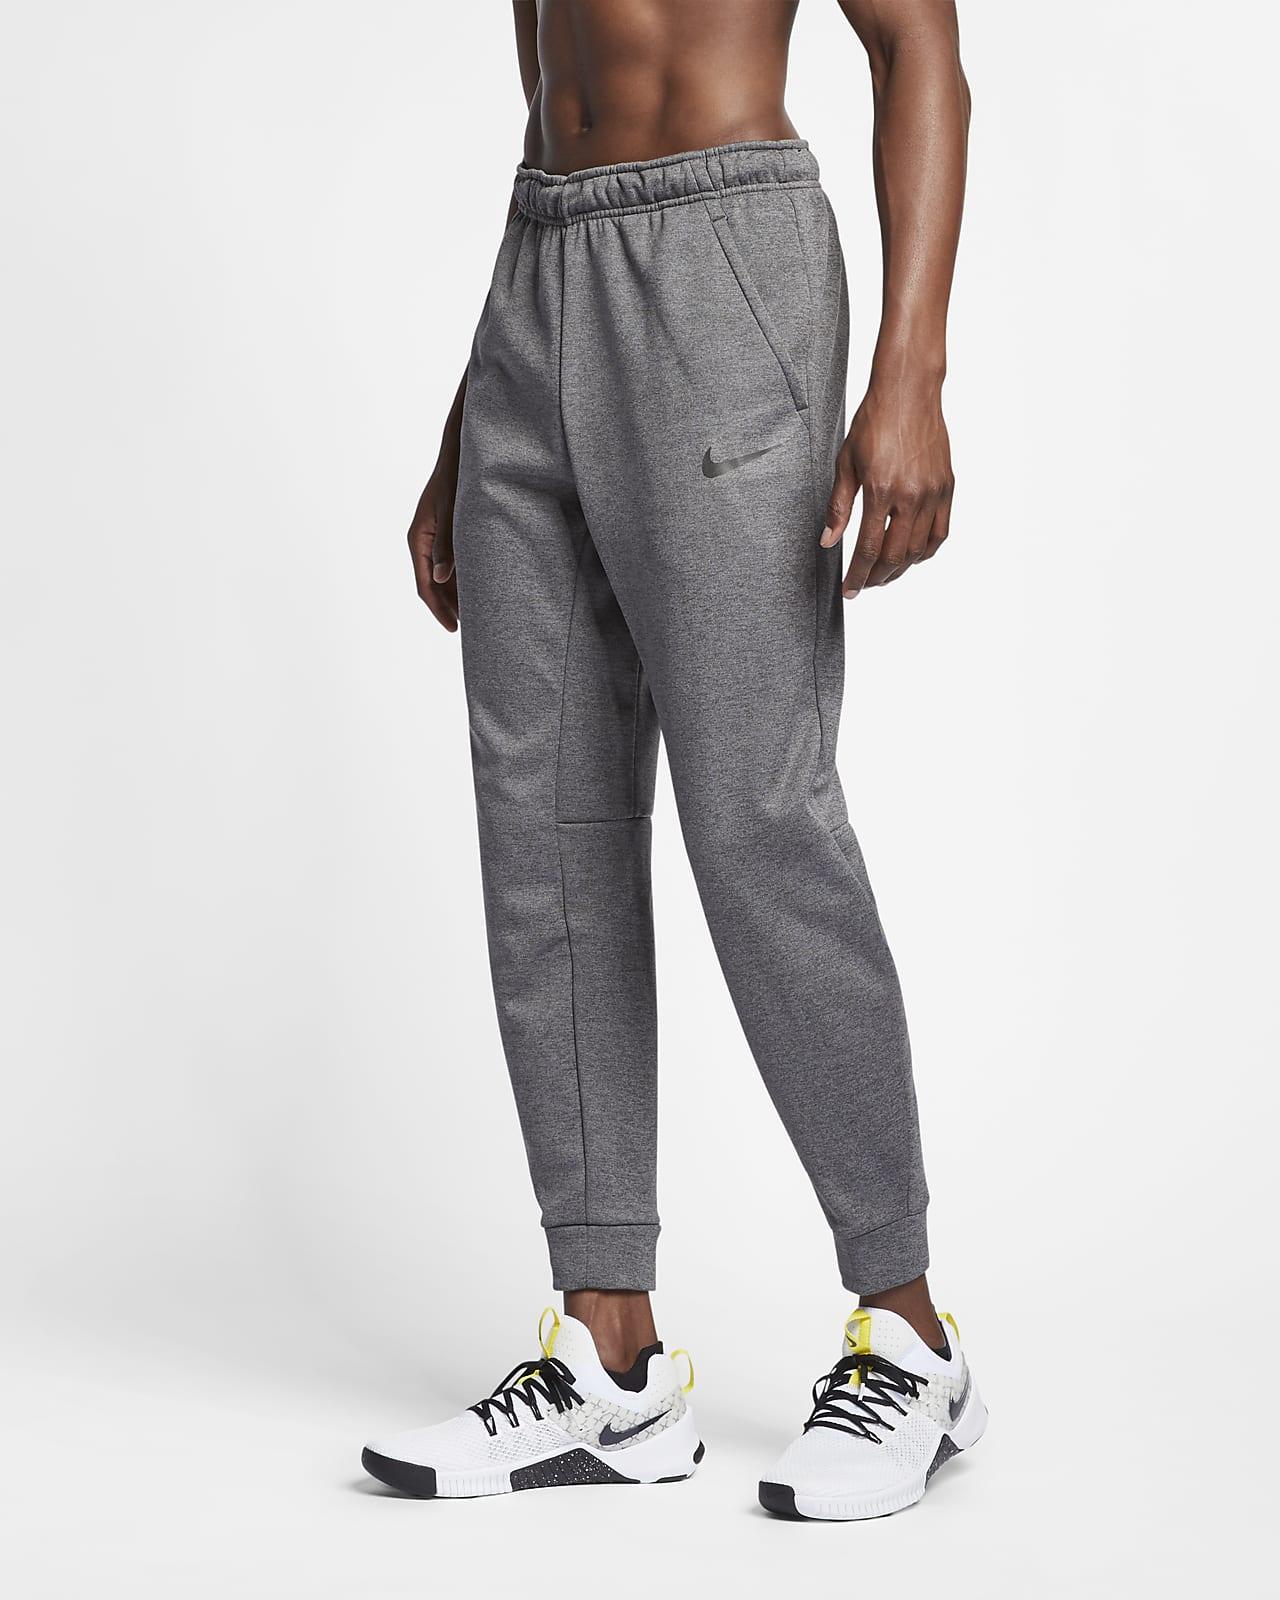 Pantalon de training fuselé Nike Therma-FIT pour Homme